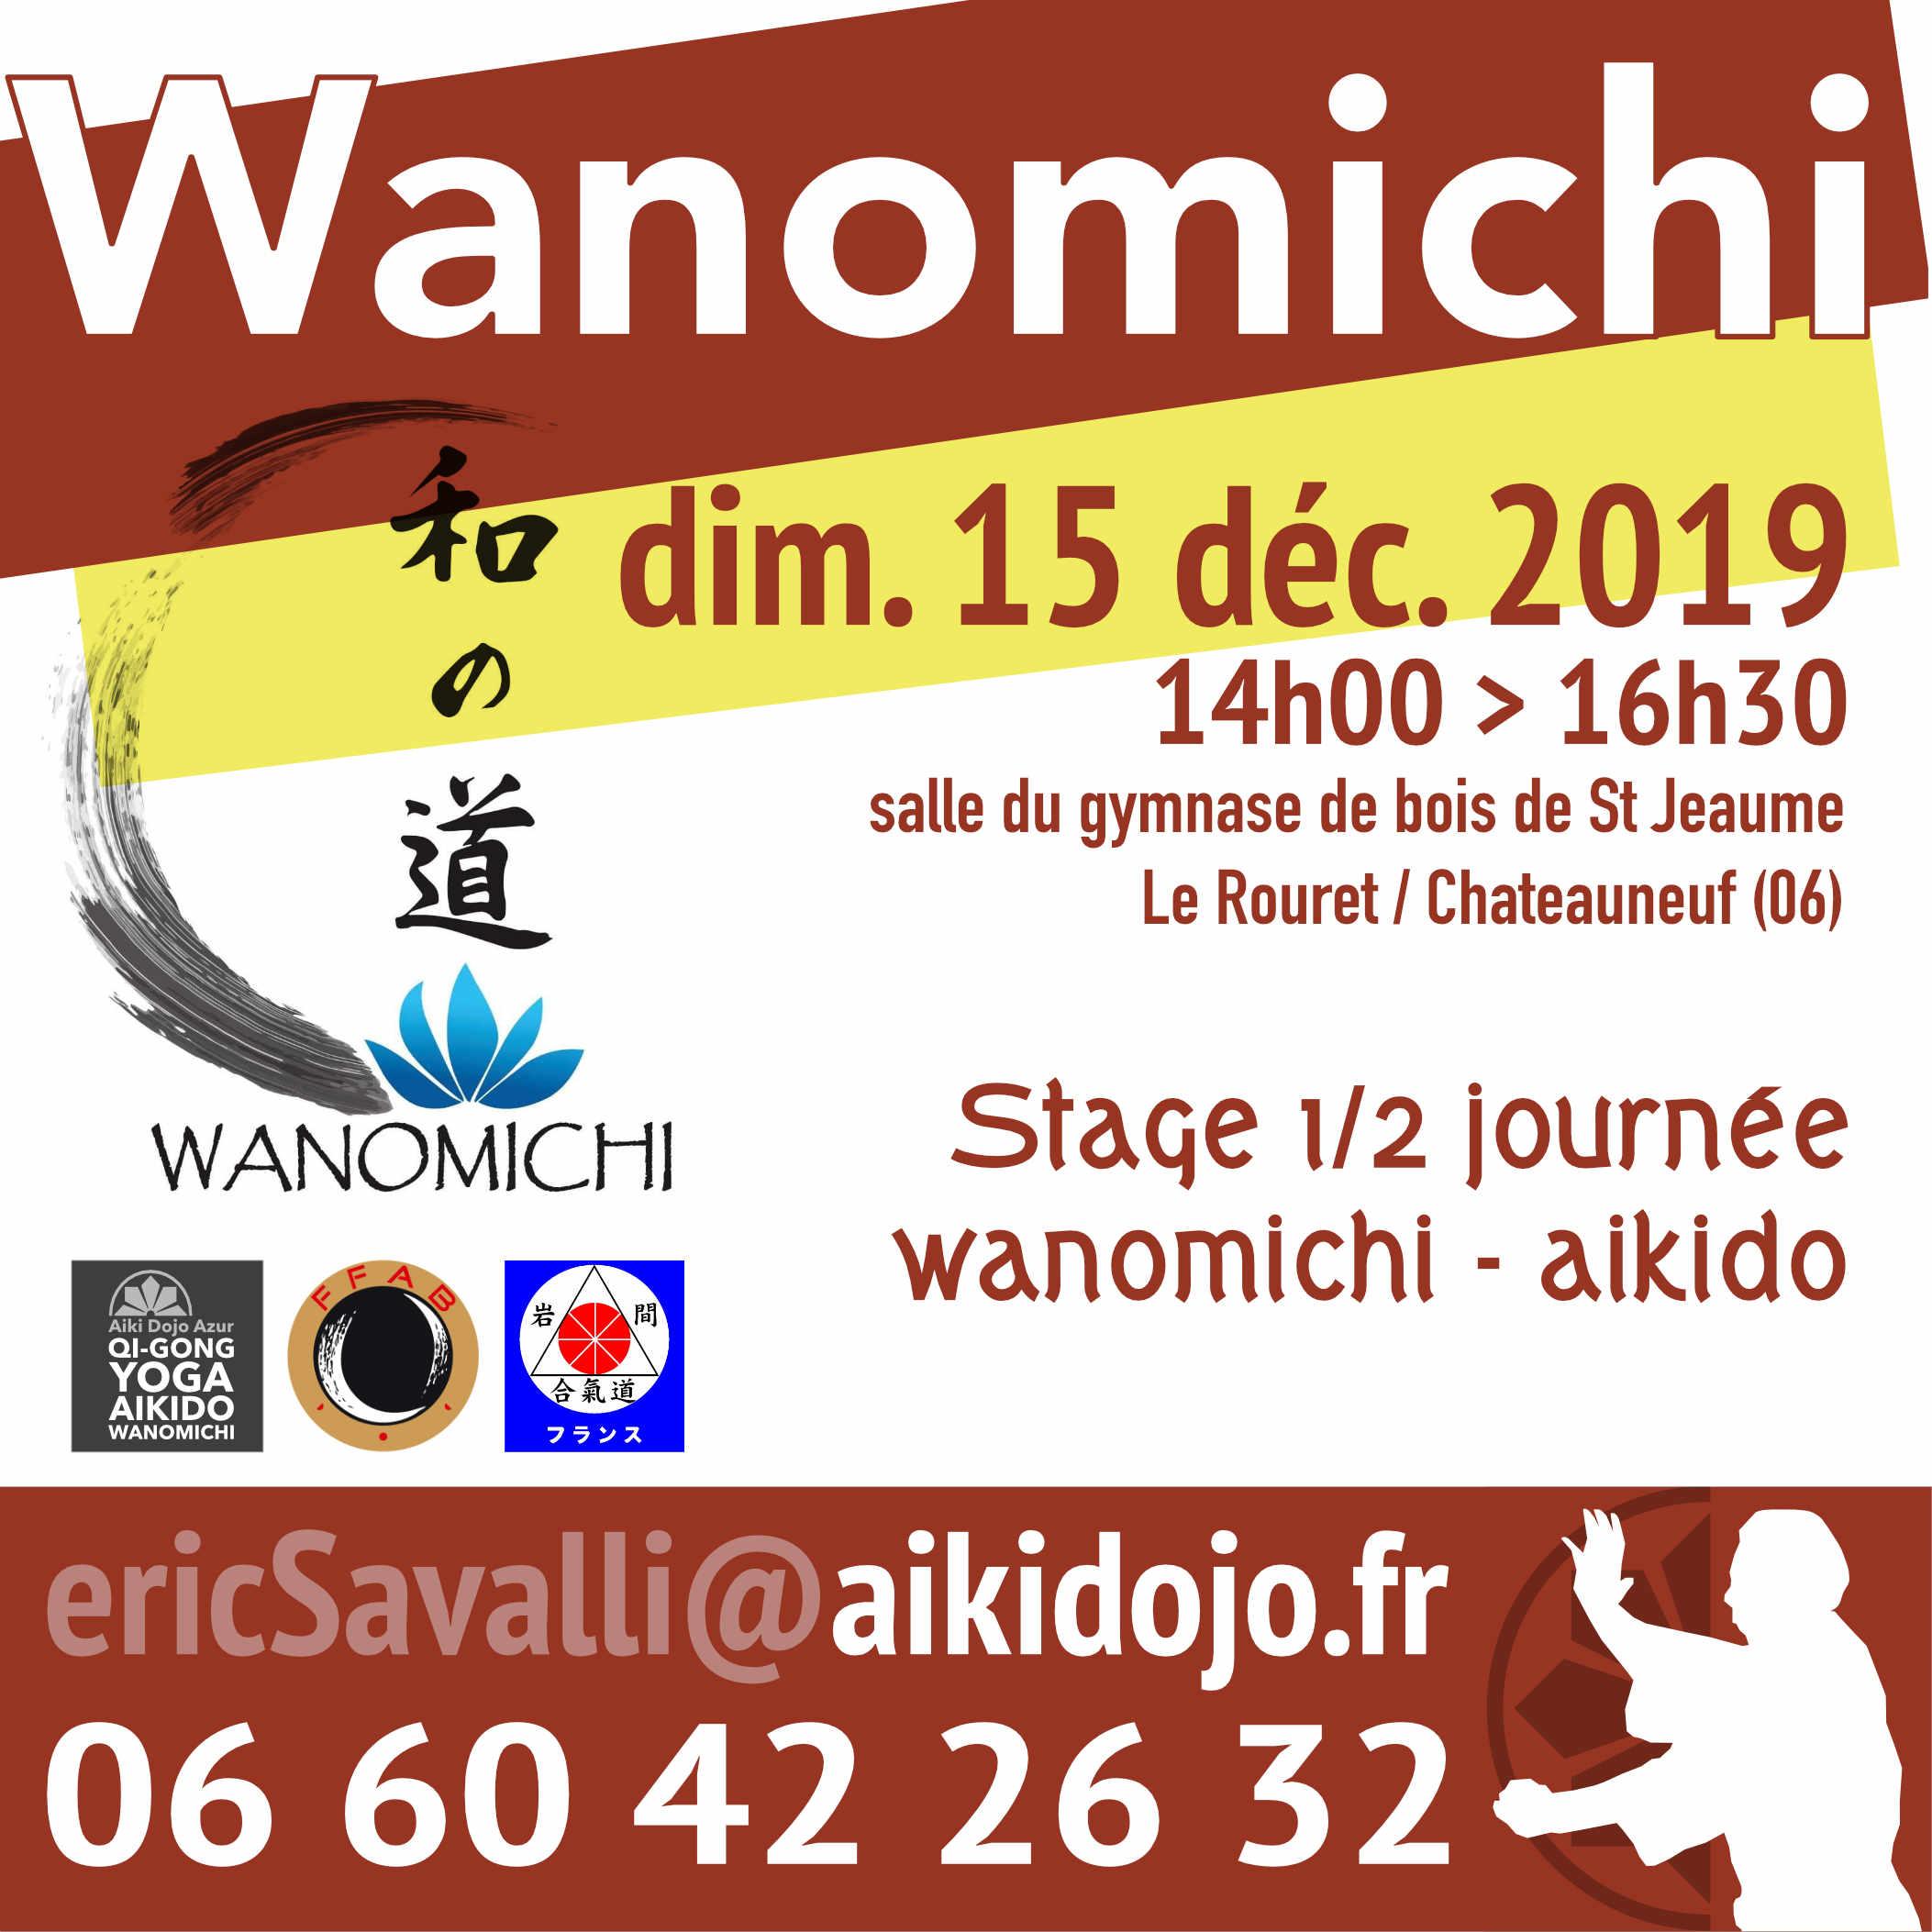 2019-12 stage wanomichi-aikido